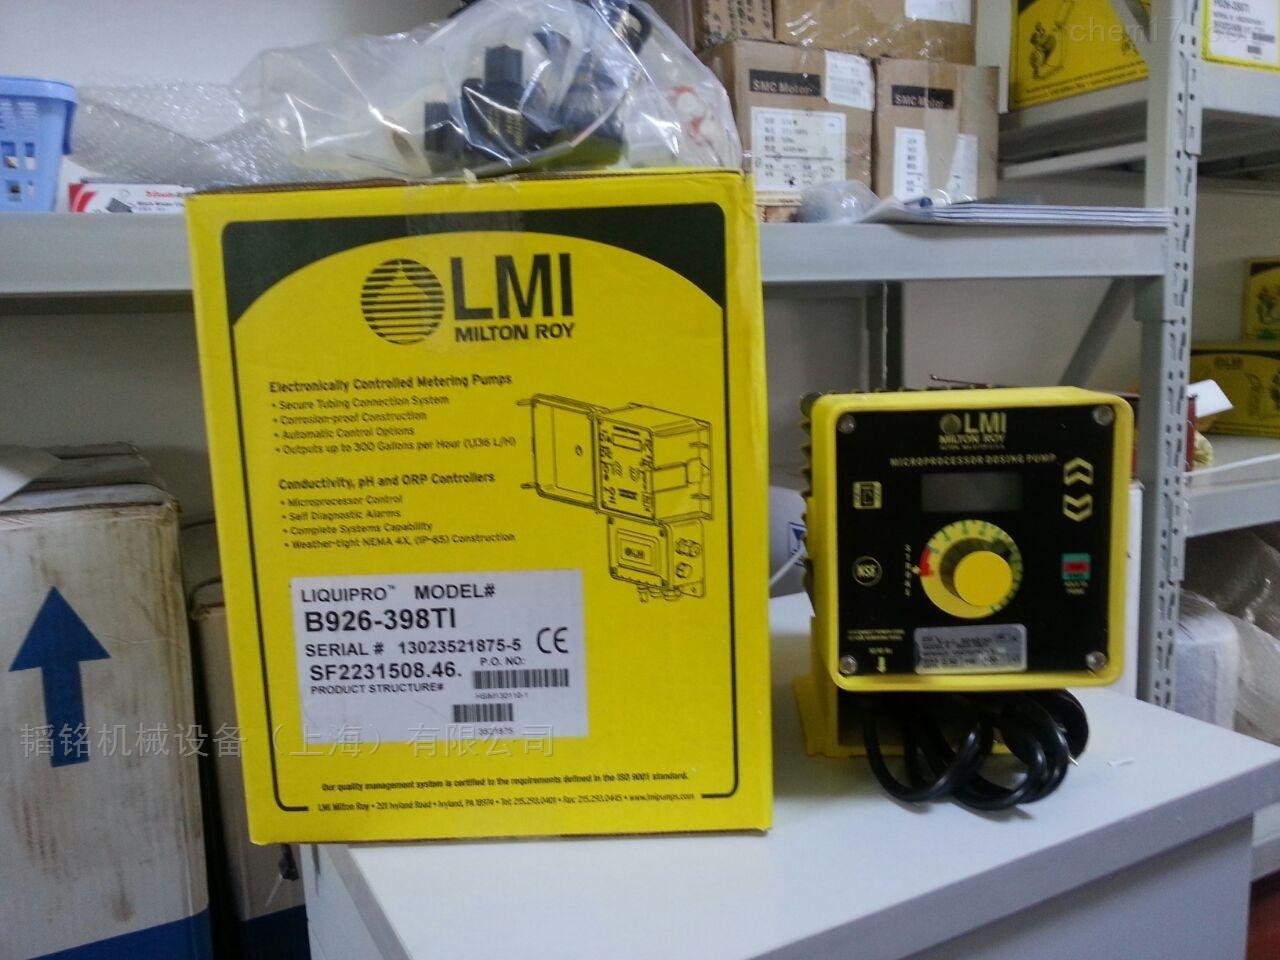 米顿罗信号控制加药泵